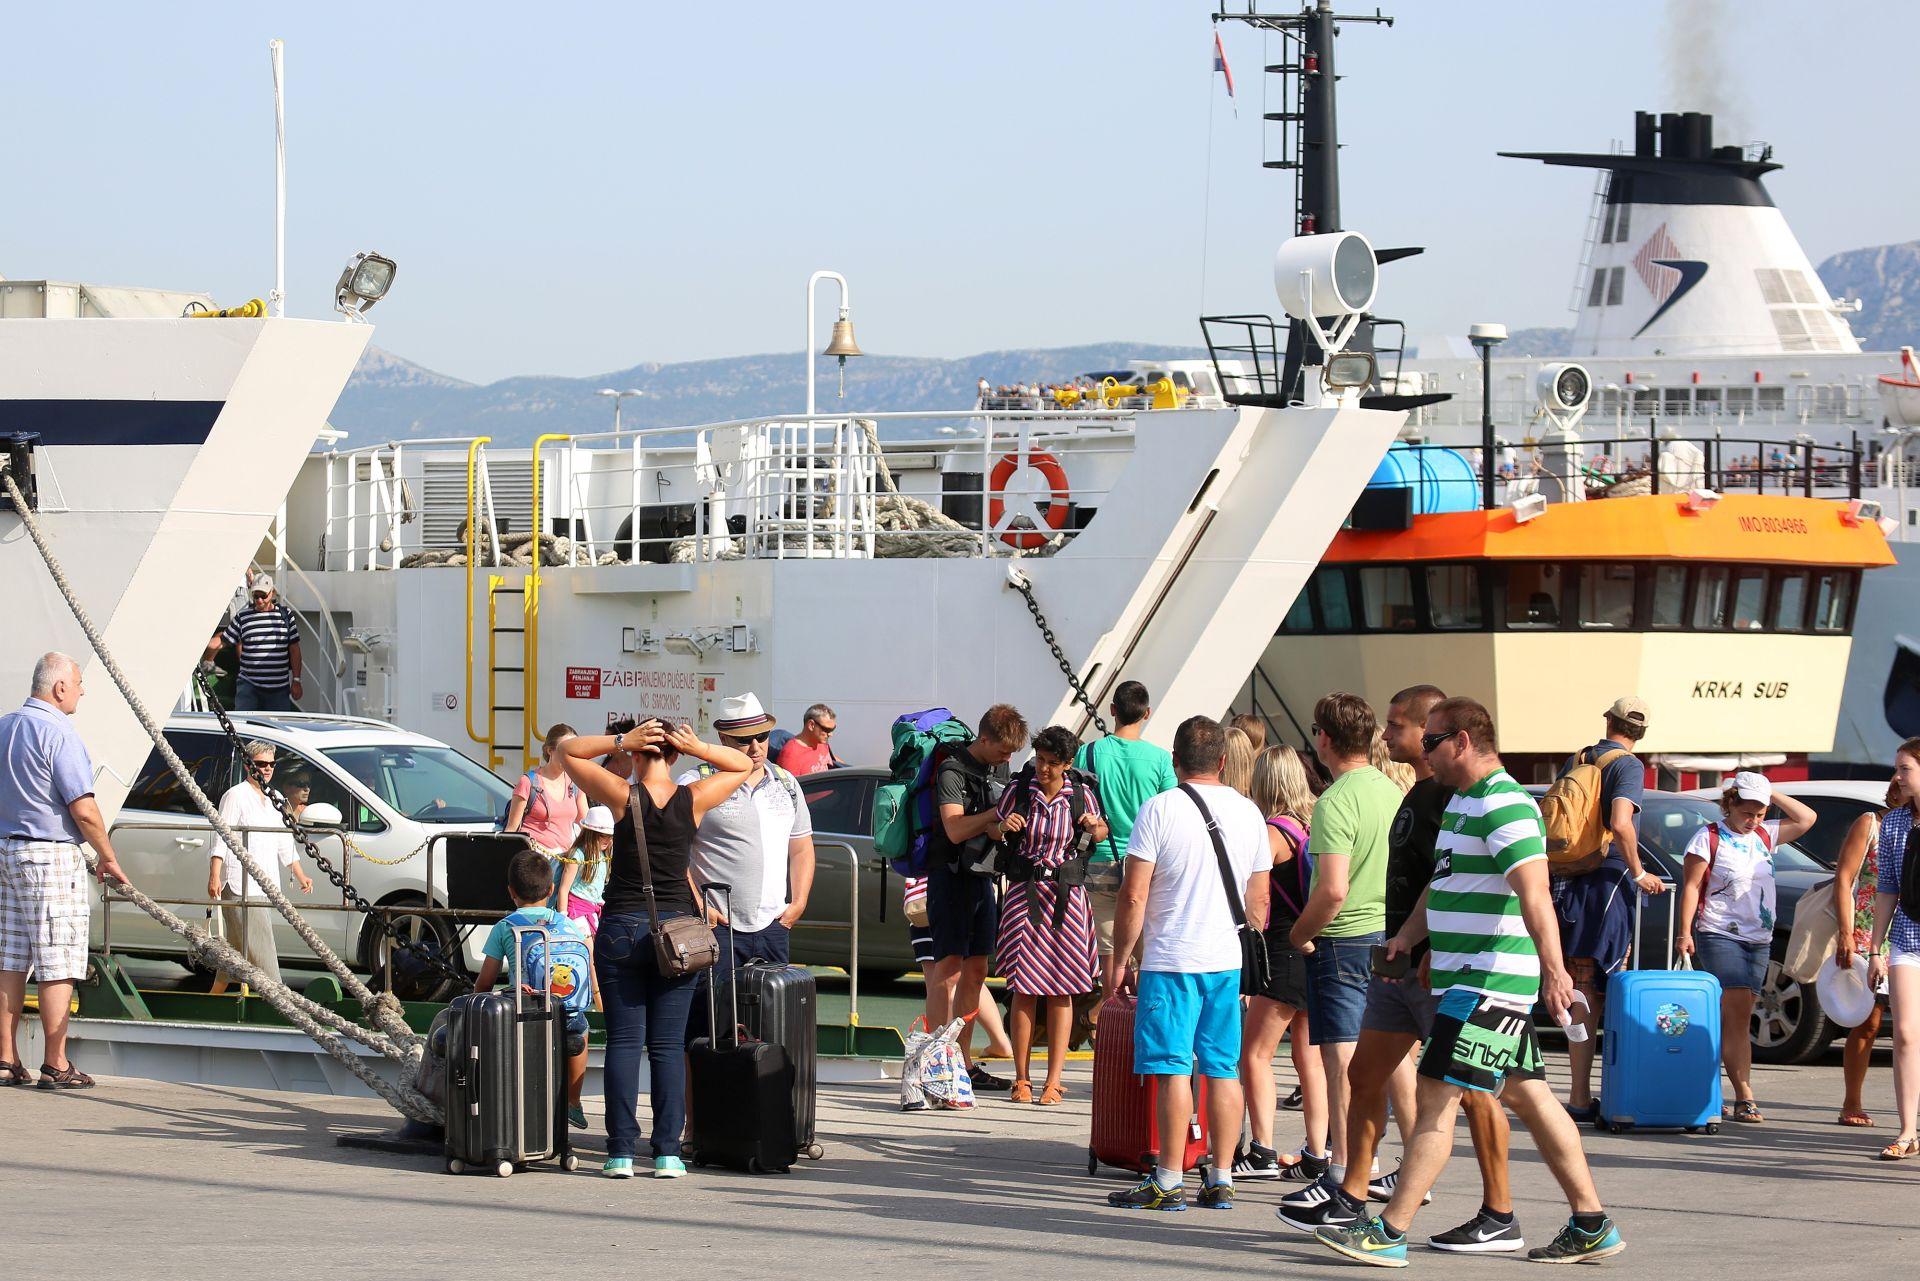 VRHUNAC SEZONE: Ovog vikenda u Split i okolicu stiže 96 tisuća putnika